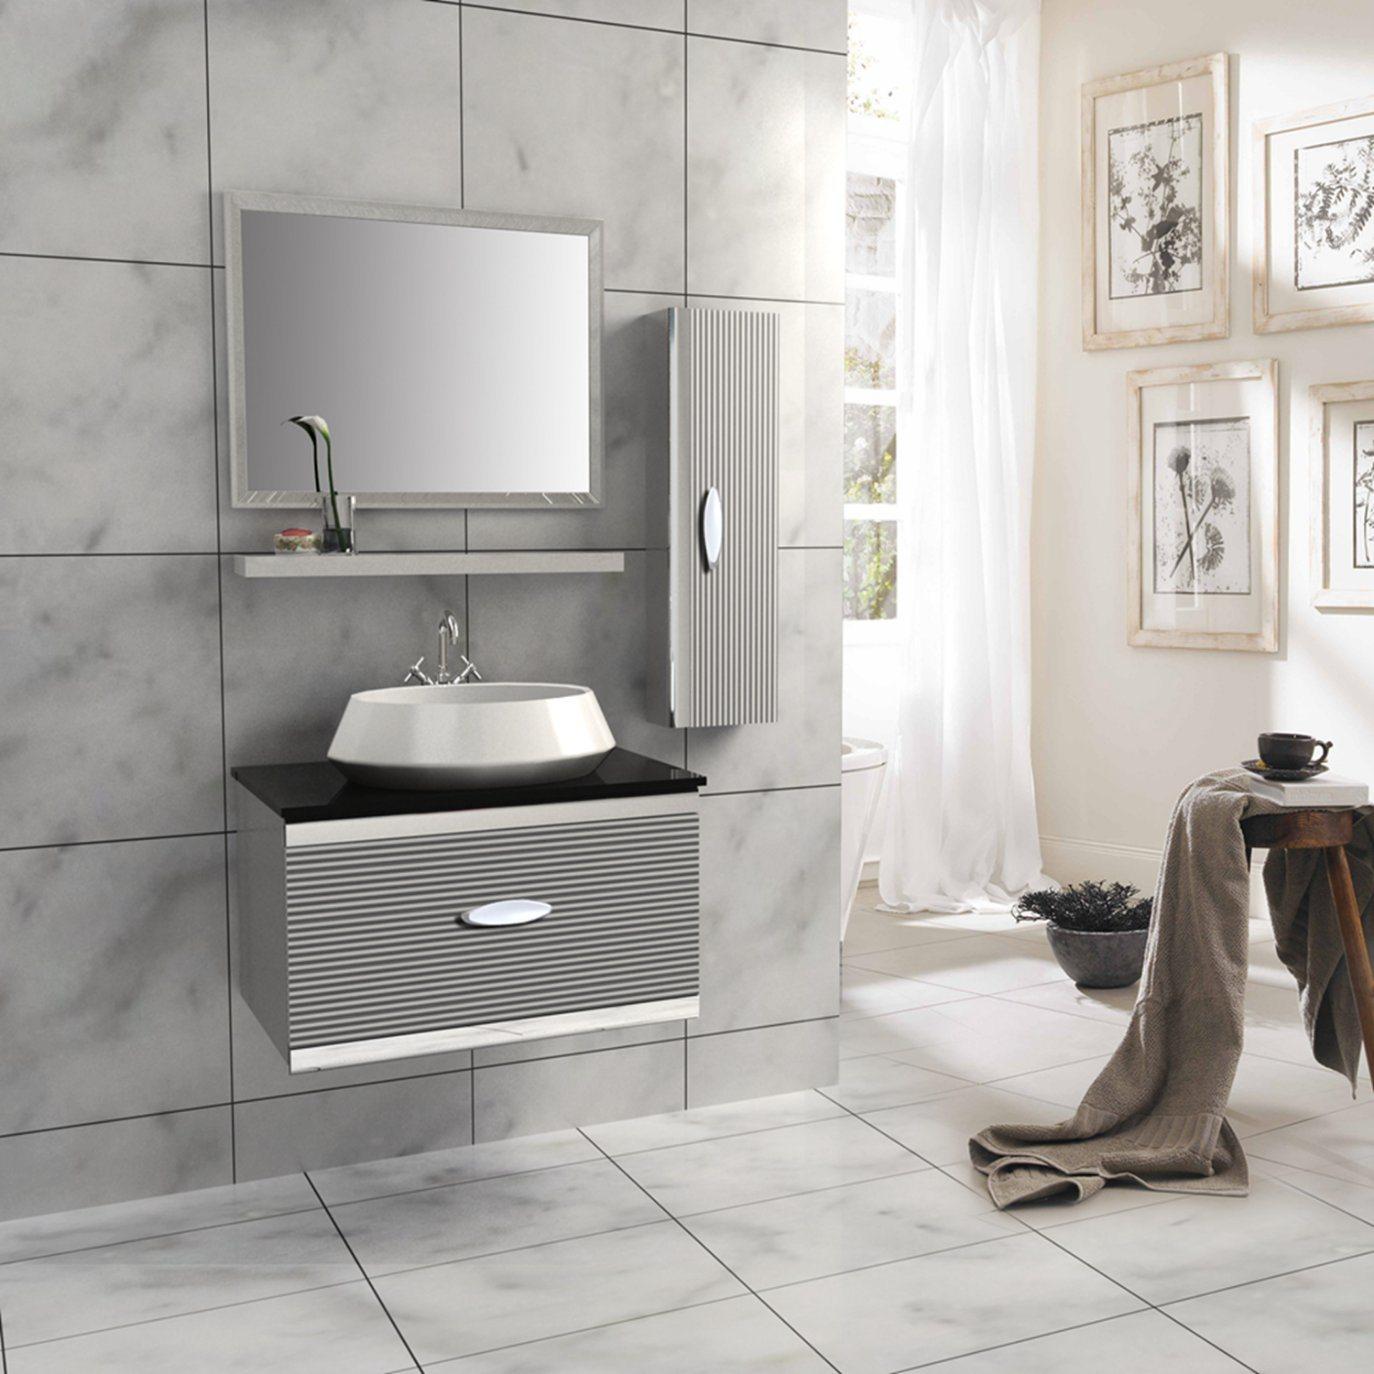 Steel Bathroom Vanity Cabinet